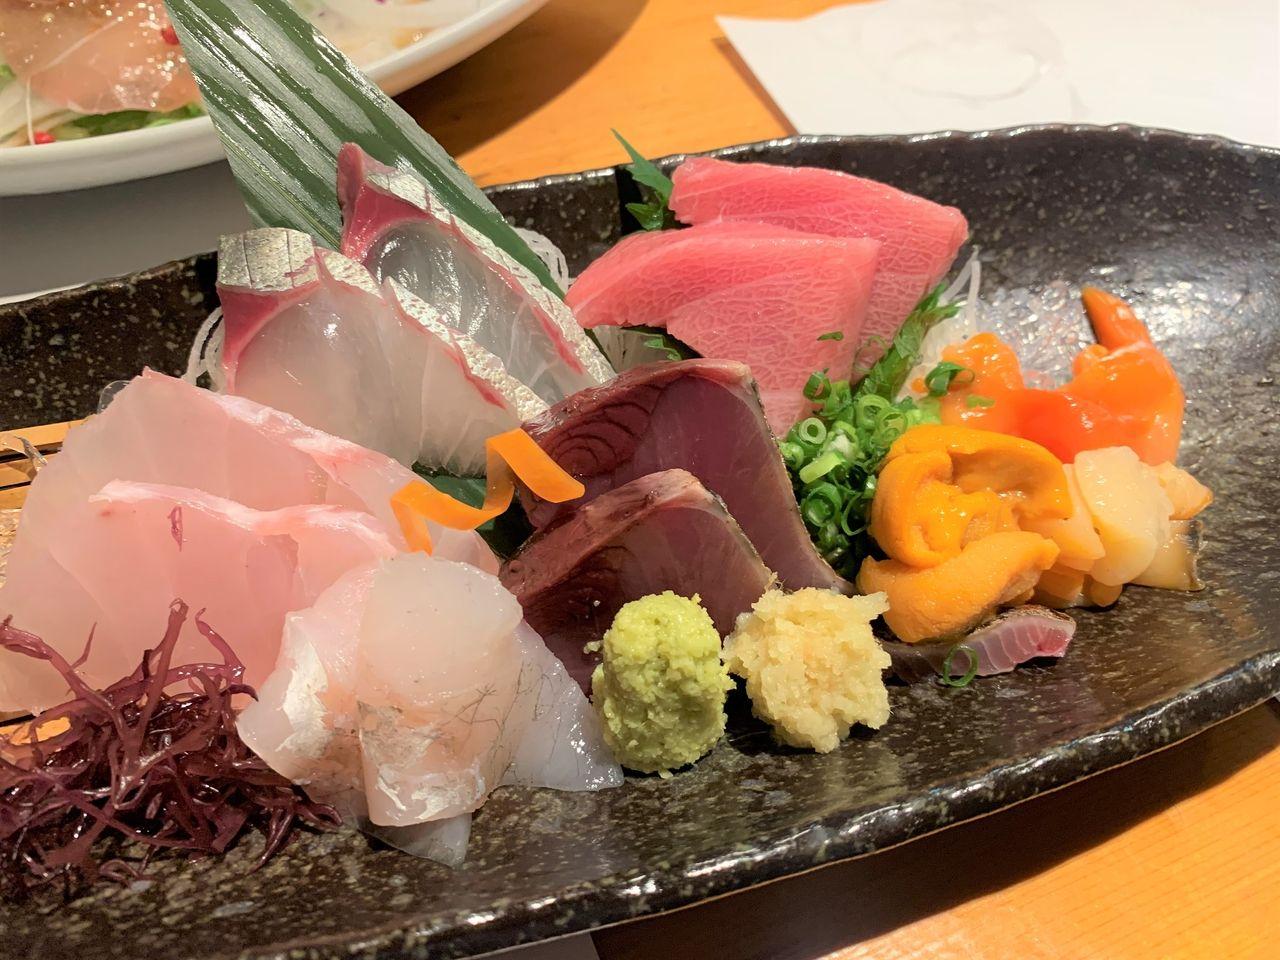 【三郷市食べ歩きブログ】三郷市大広戸にある「くいものや旬」へ久しぶりに行ってきました!